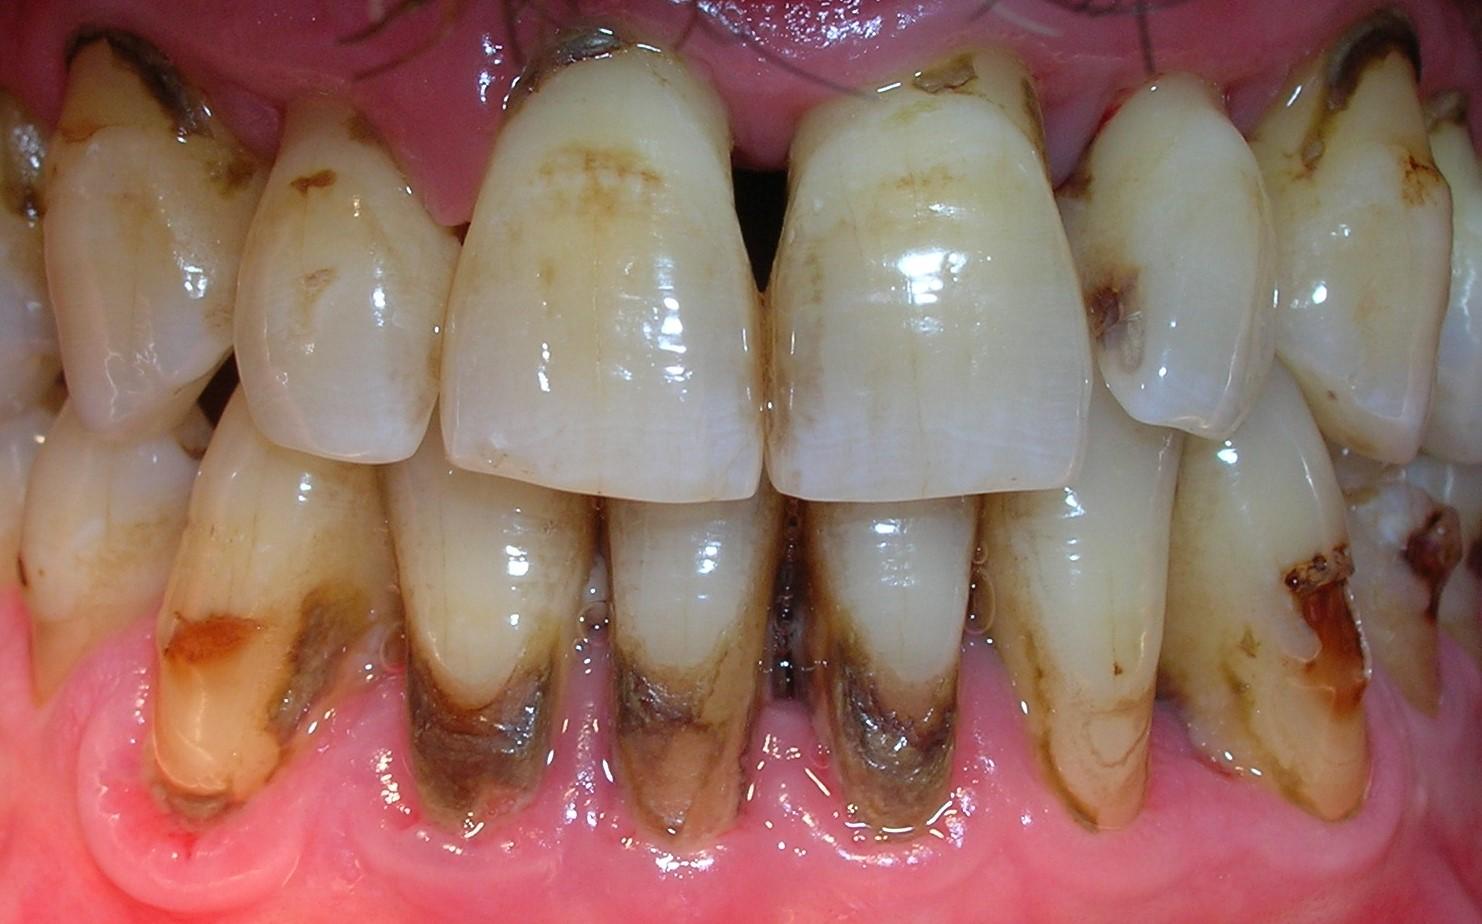 Cálculo dental, el sarro de los dientes - Dr. Juan Balboa